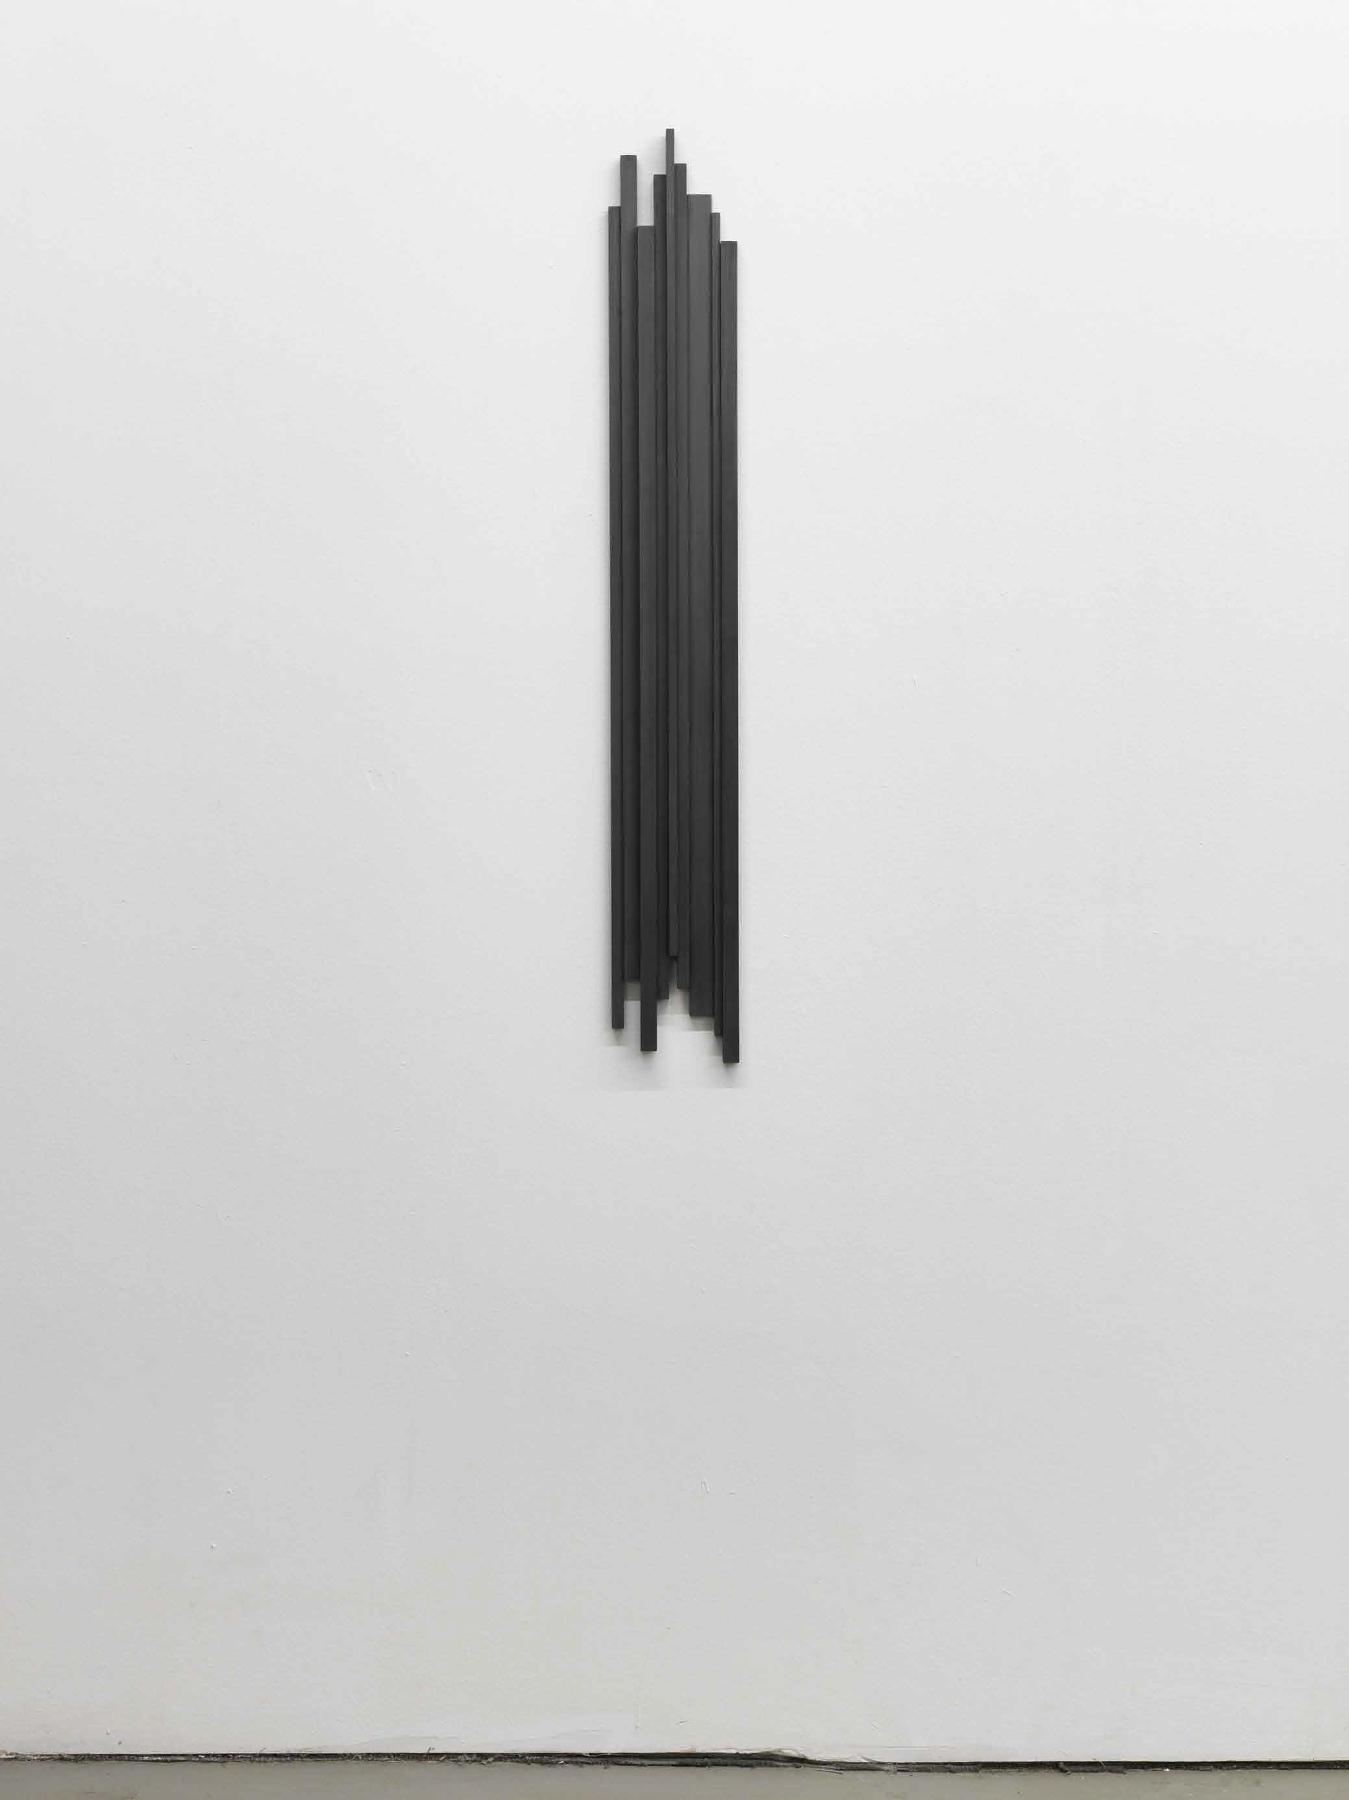 Stephanie Stein, Problem XI, 2013, legno di balsa, gouache, 108 x 52 x 1,5 cm